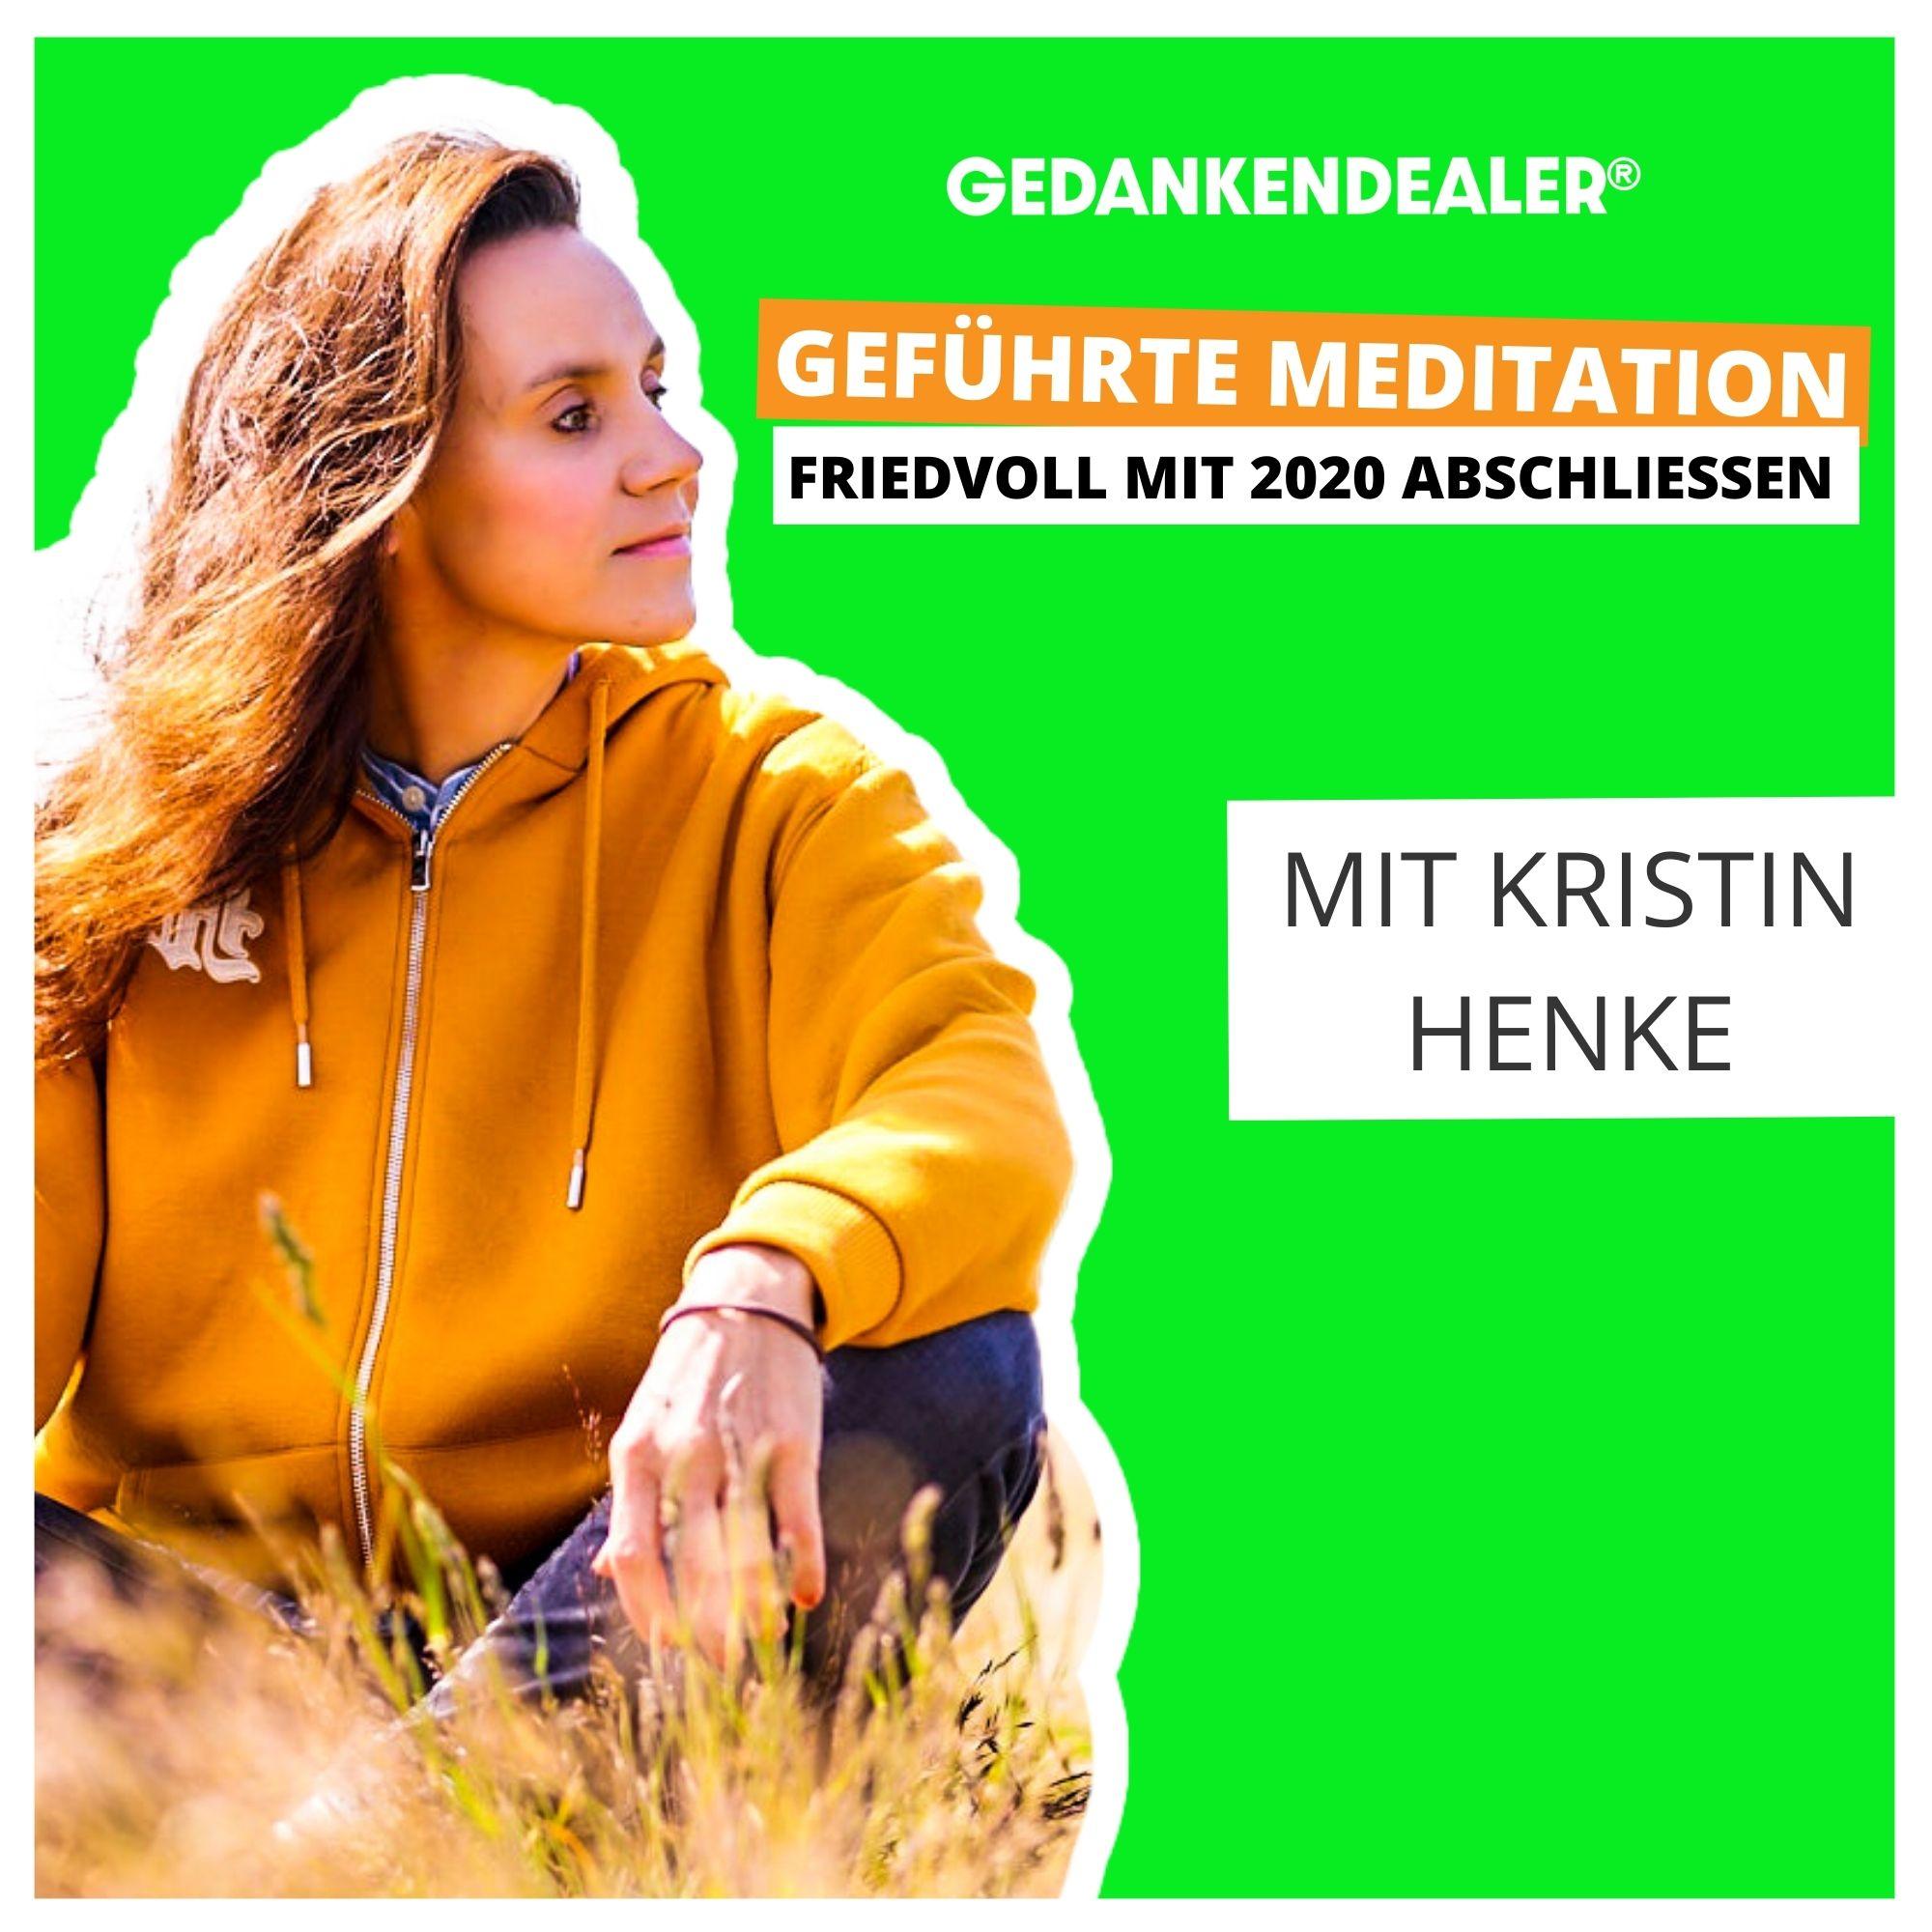 Geführte Meditation: Friedvoll mit 2020 abschließen